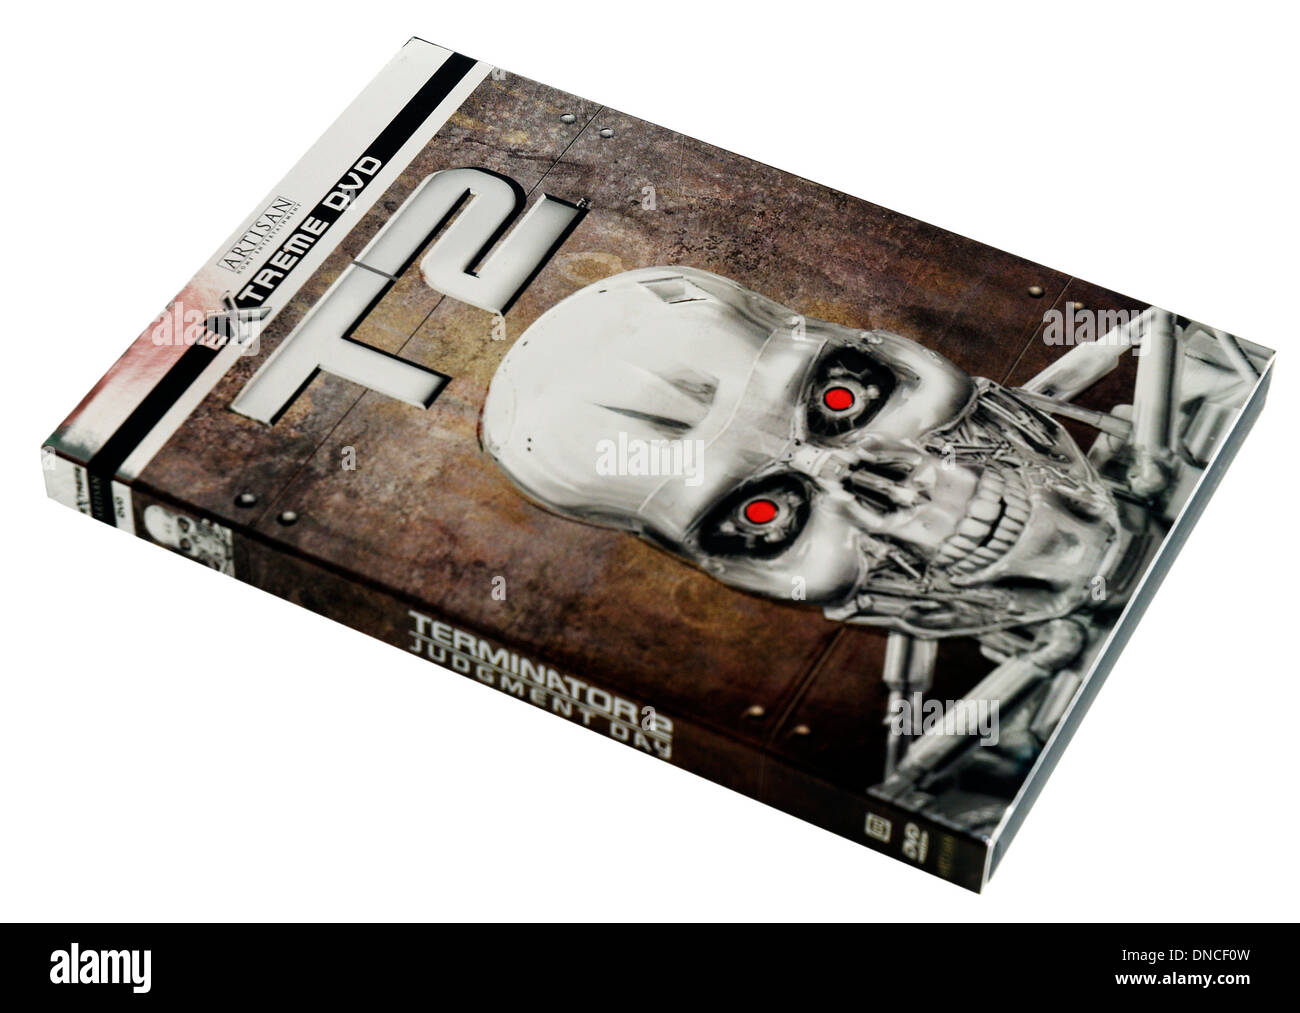 Terminator 2 DVD - Stock Image